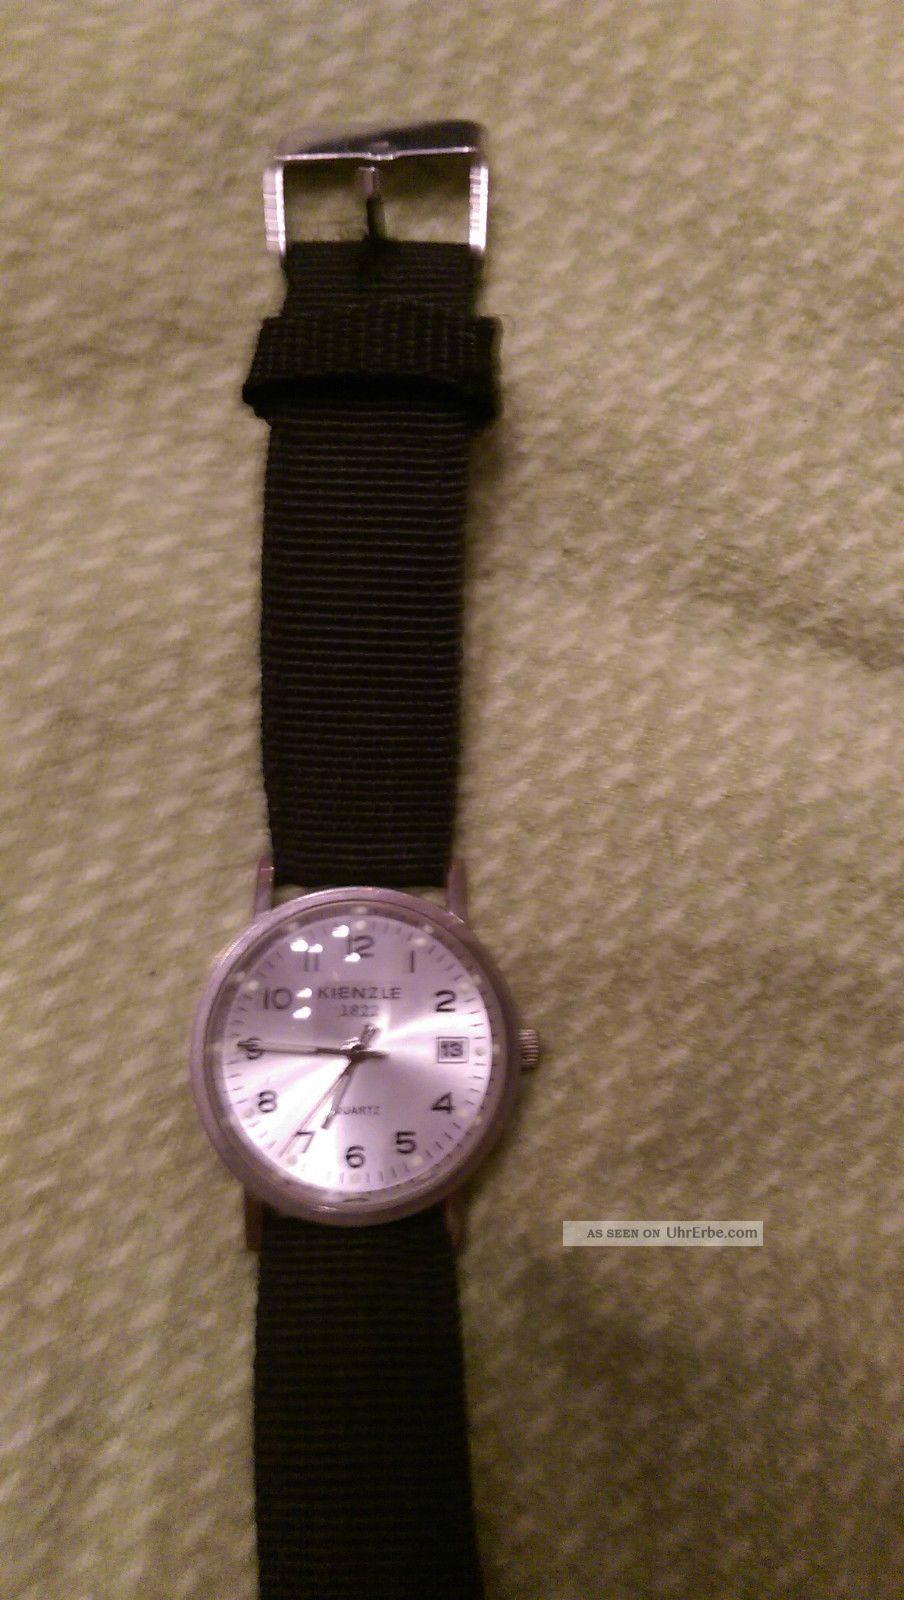 Kienzle 1822 Armbanduhr Armbanduhren Bild